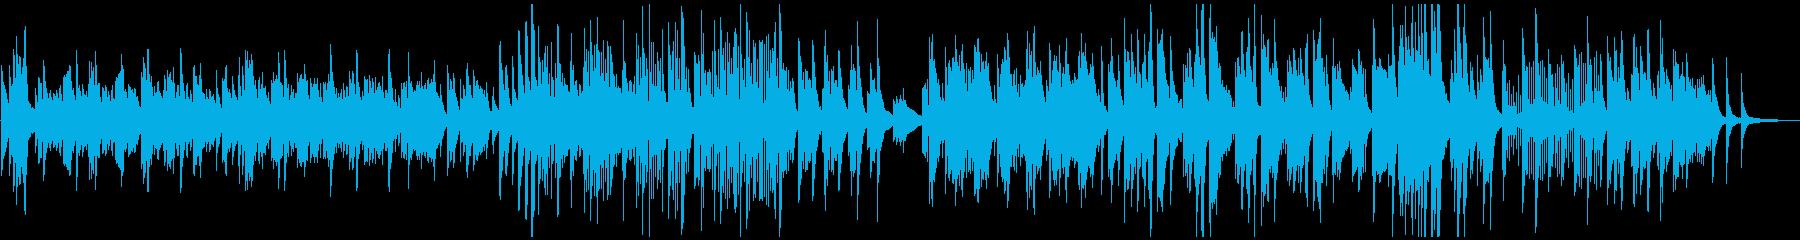 古い映画の愛のテーマ曲のようなピアノの再生済みの波形